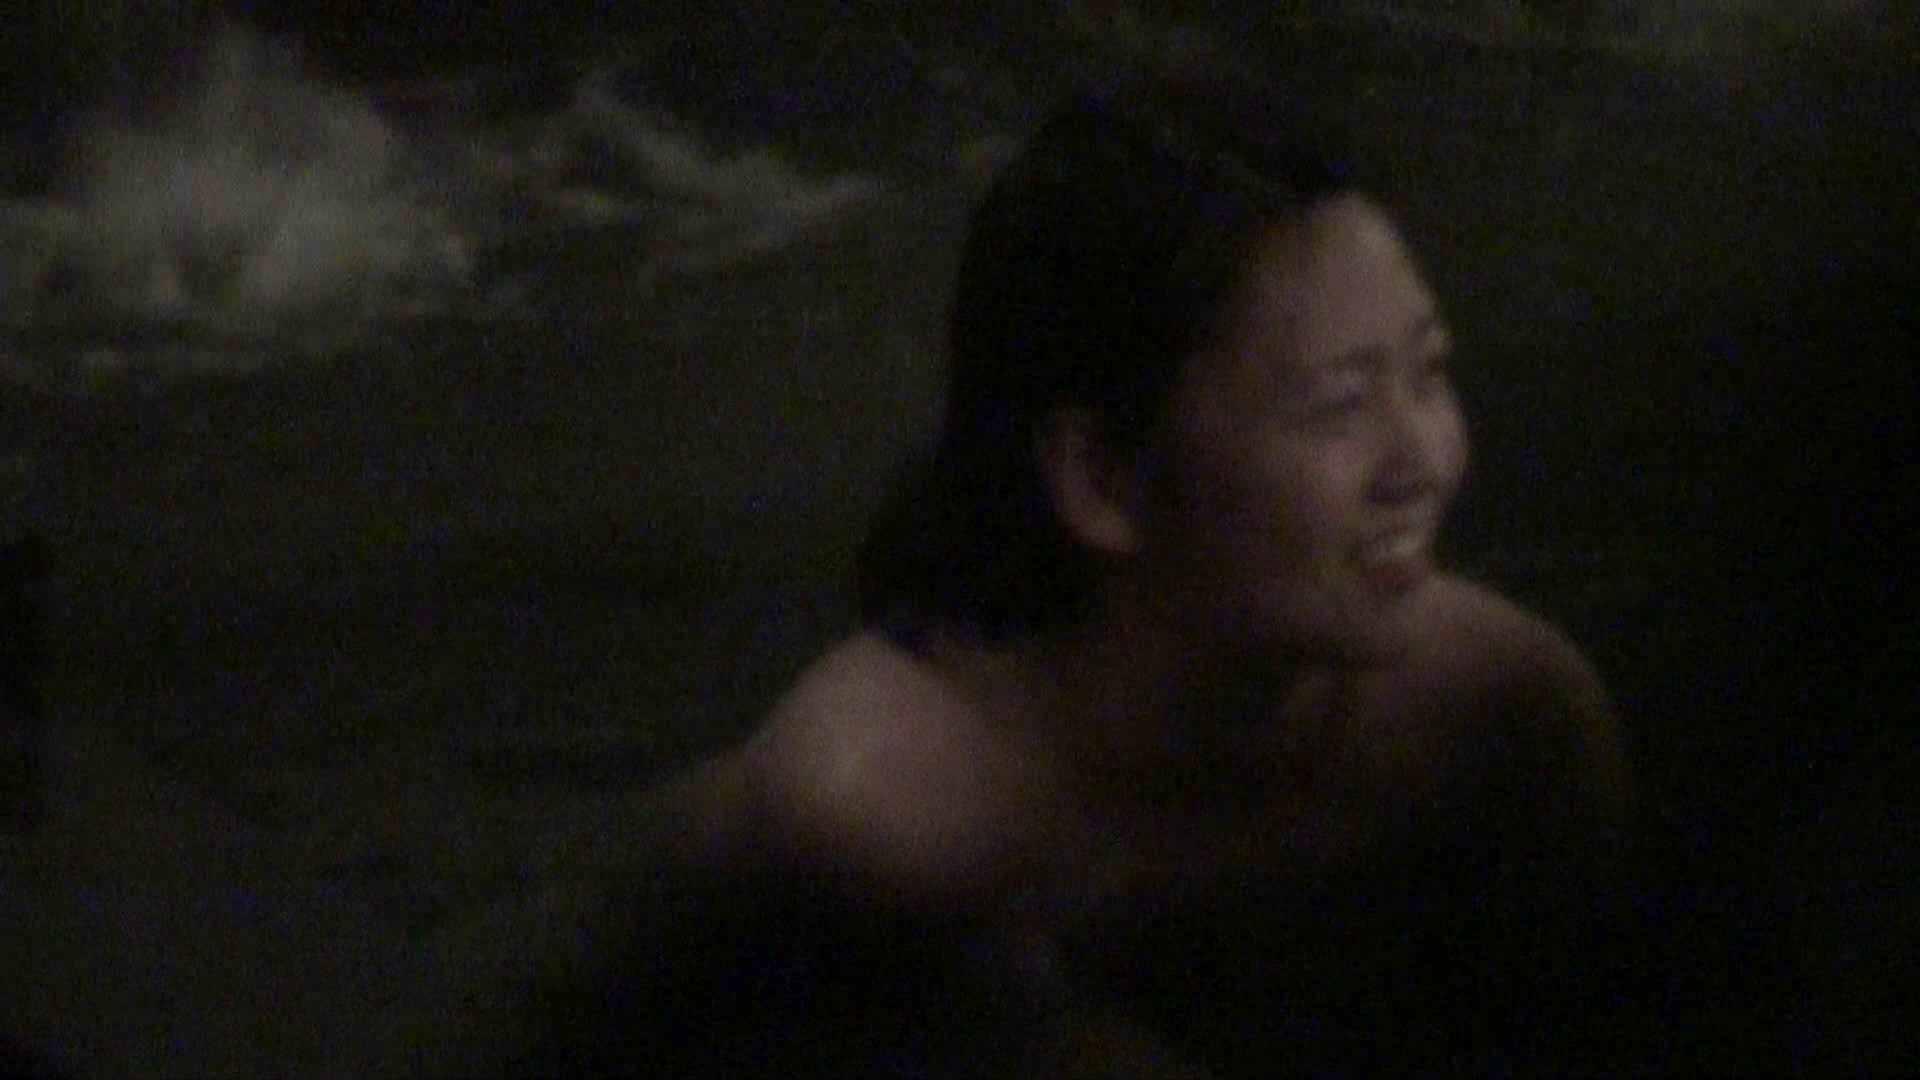 Aquaな露天風呂Vol.342 盗撮師作品 | 美しいOLの裸体  107pic 76